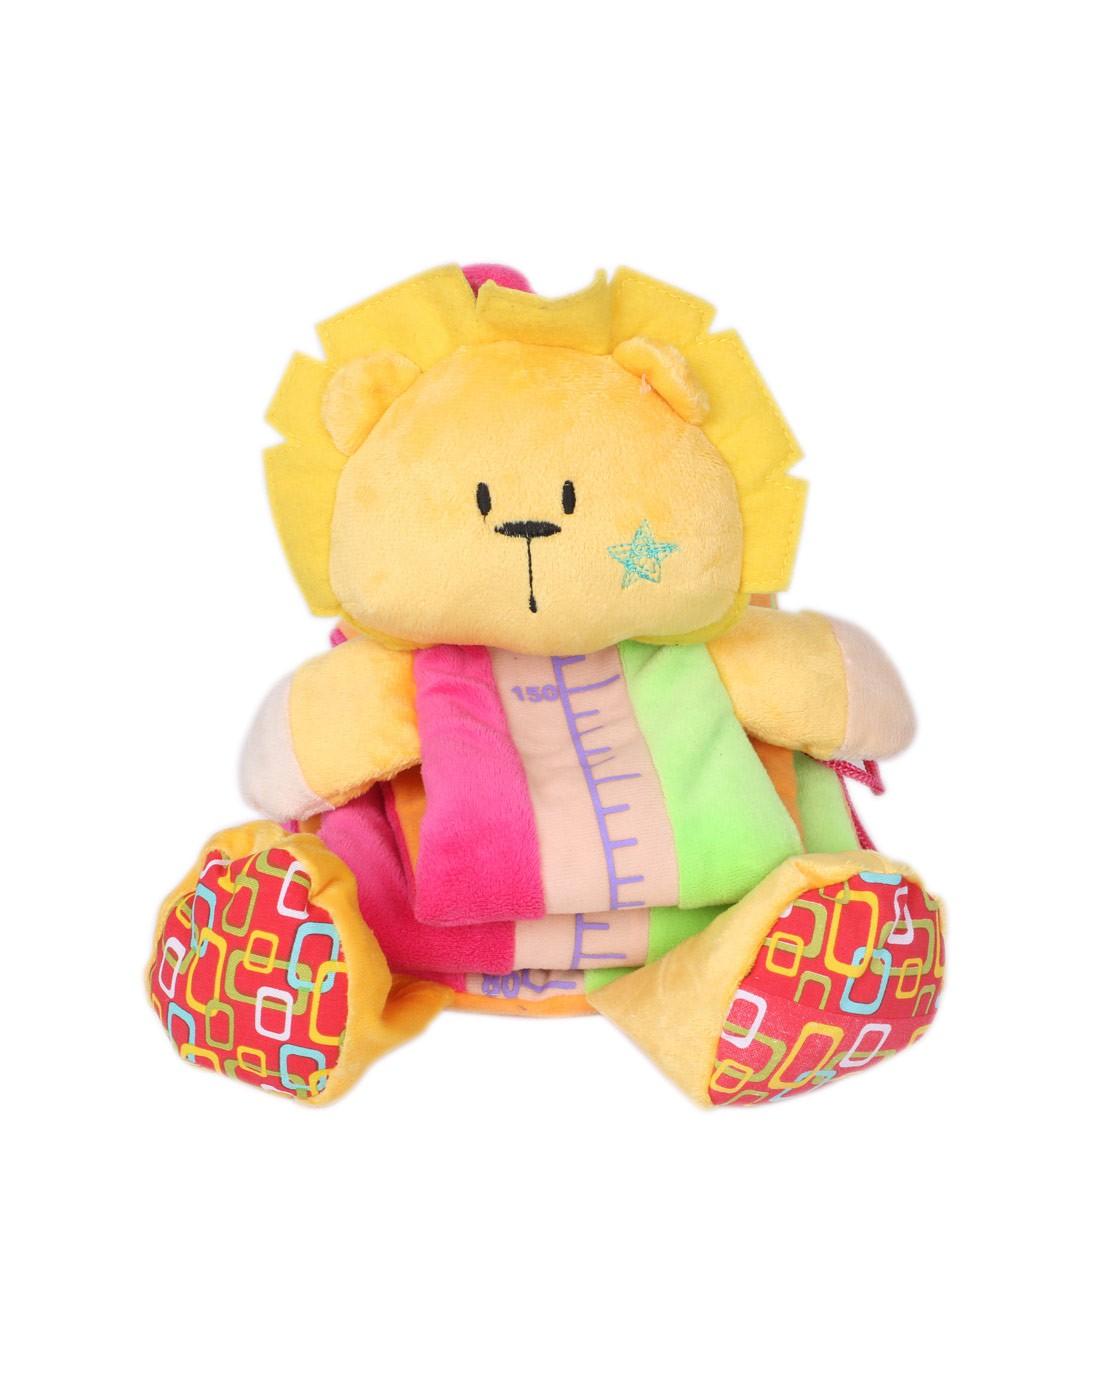 哈喜屋婴童精品玩具专场婴儿可爱卡通身高尺狮子hy056